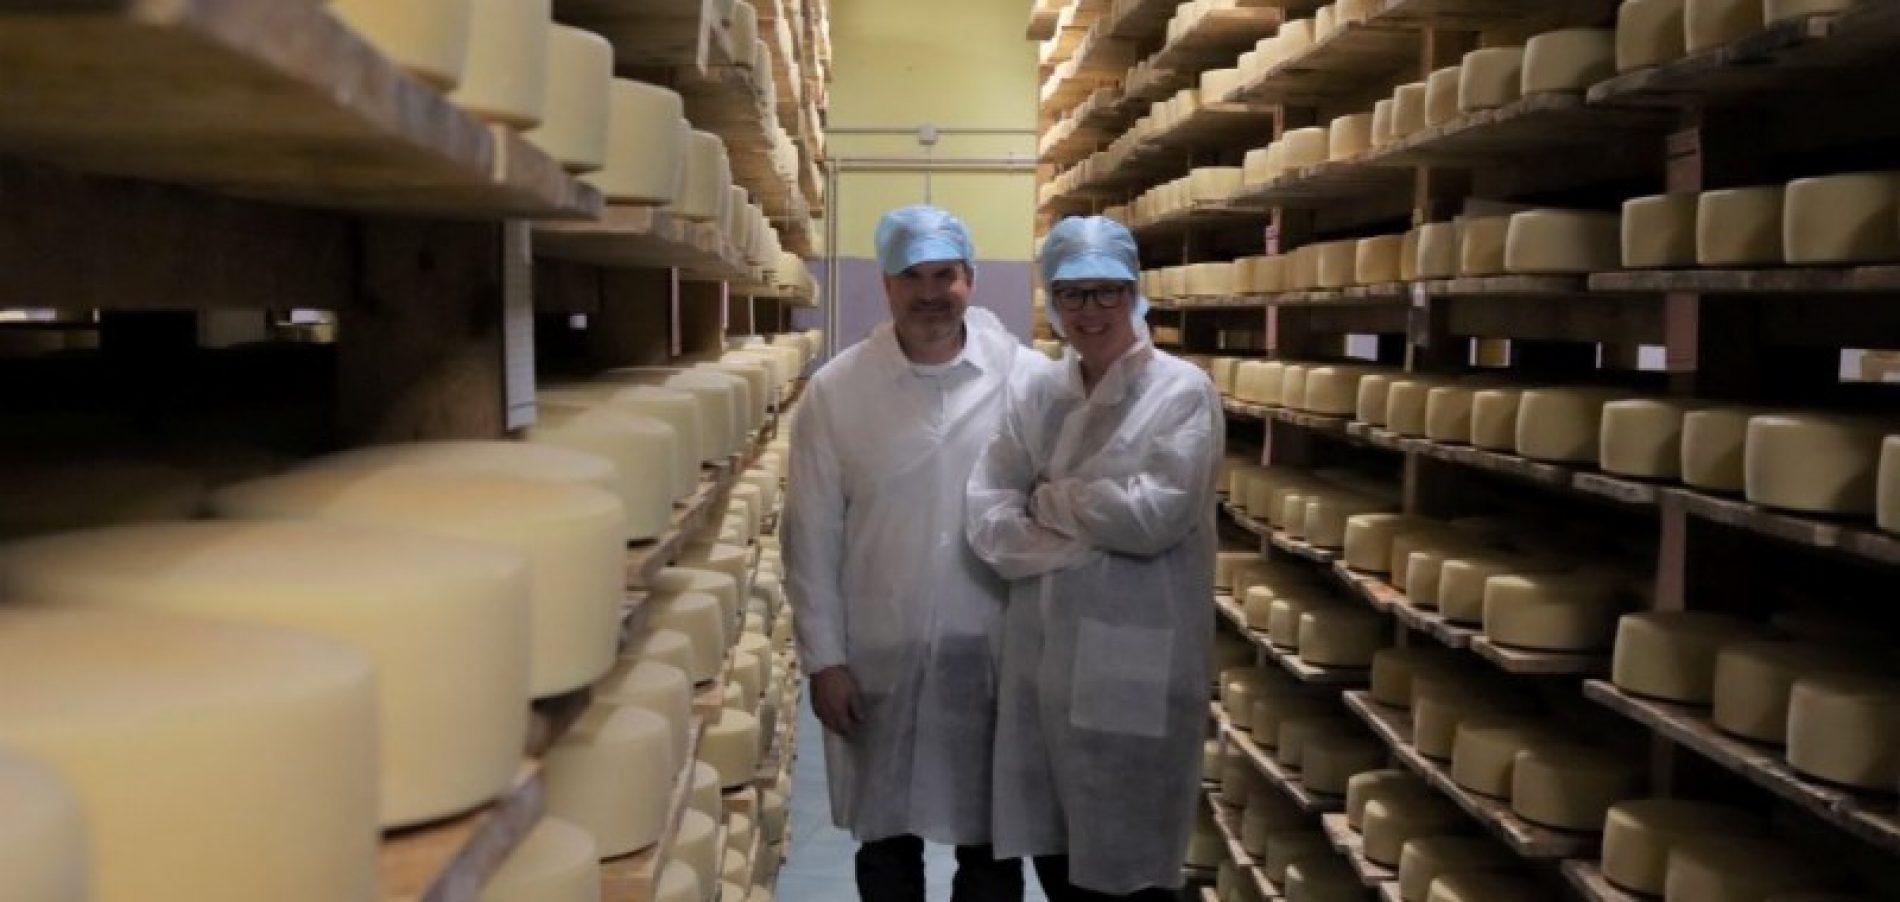 Godišnje izvezemo 79 000 tona mliječnih proizvoda – 22 000 tona više nego što uvezemo